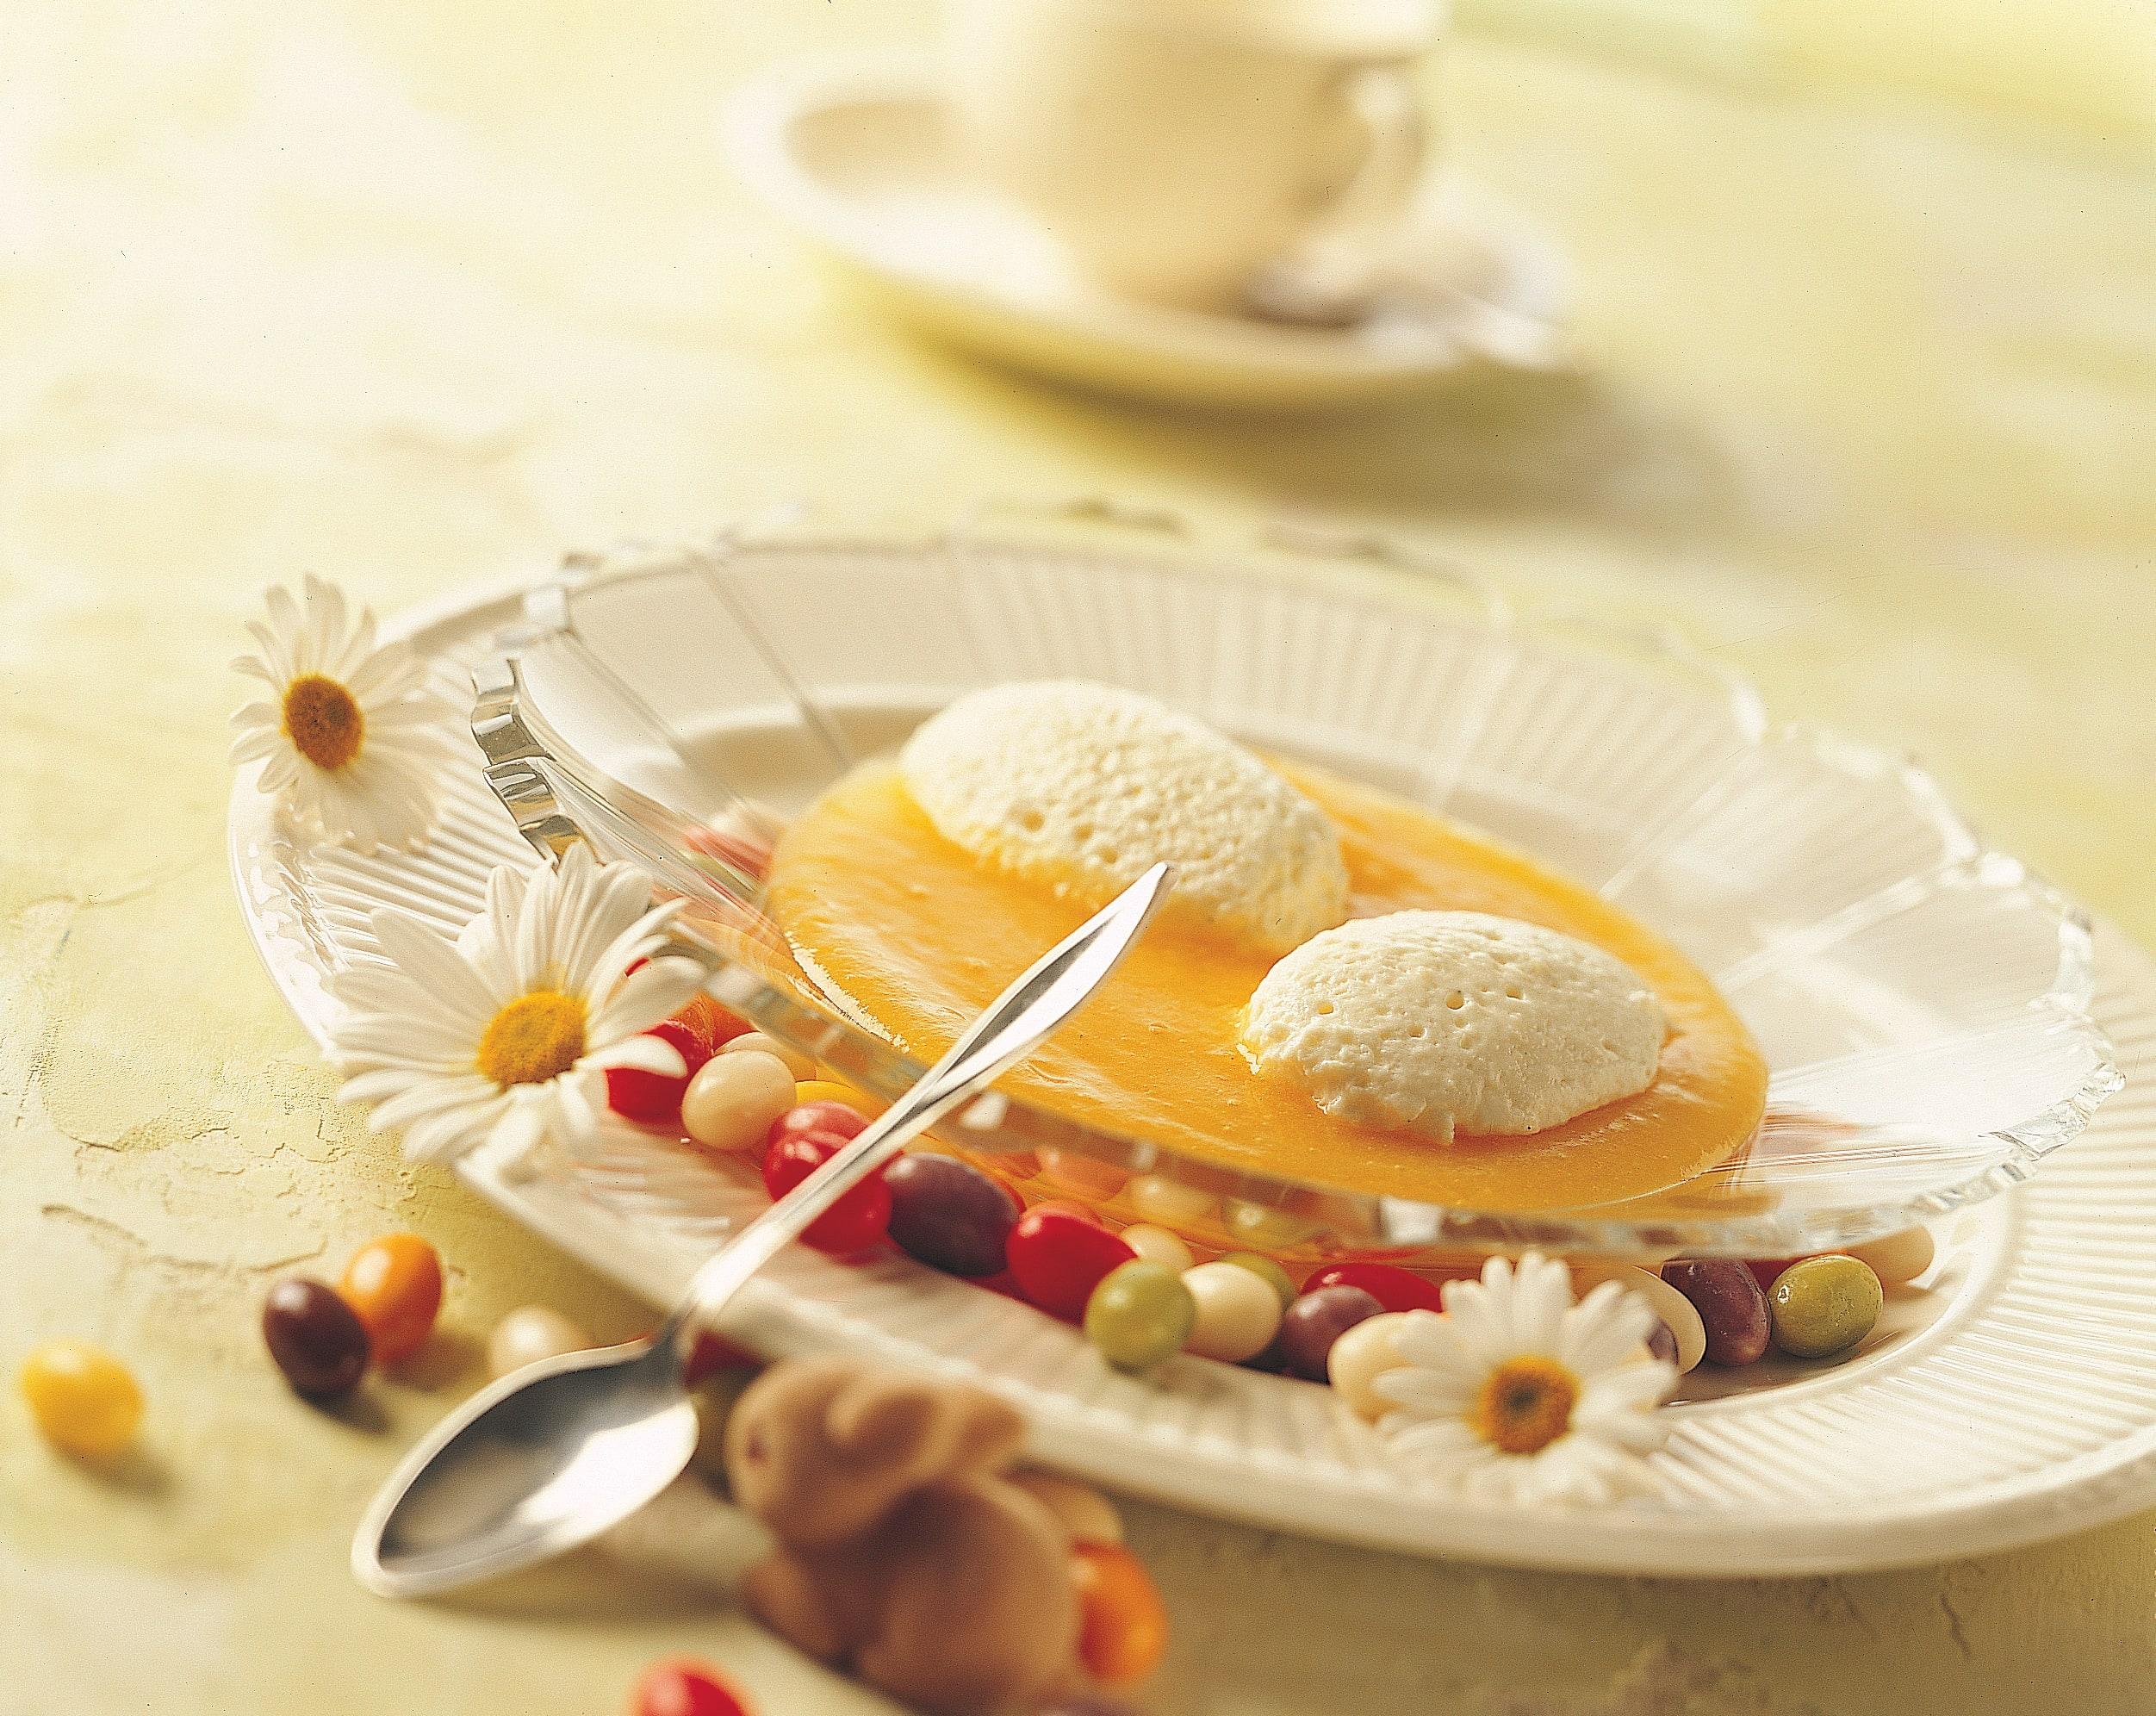 Mousse au séré sauce abricots